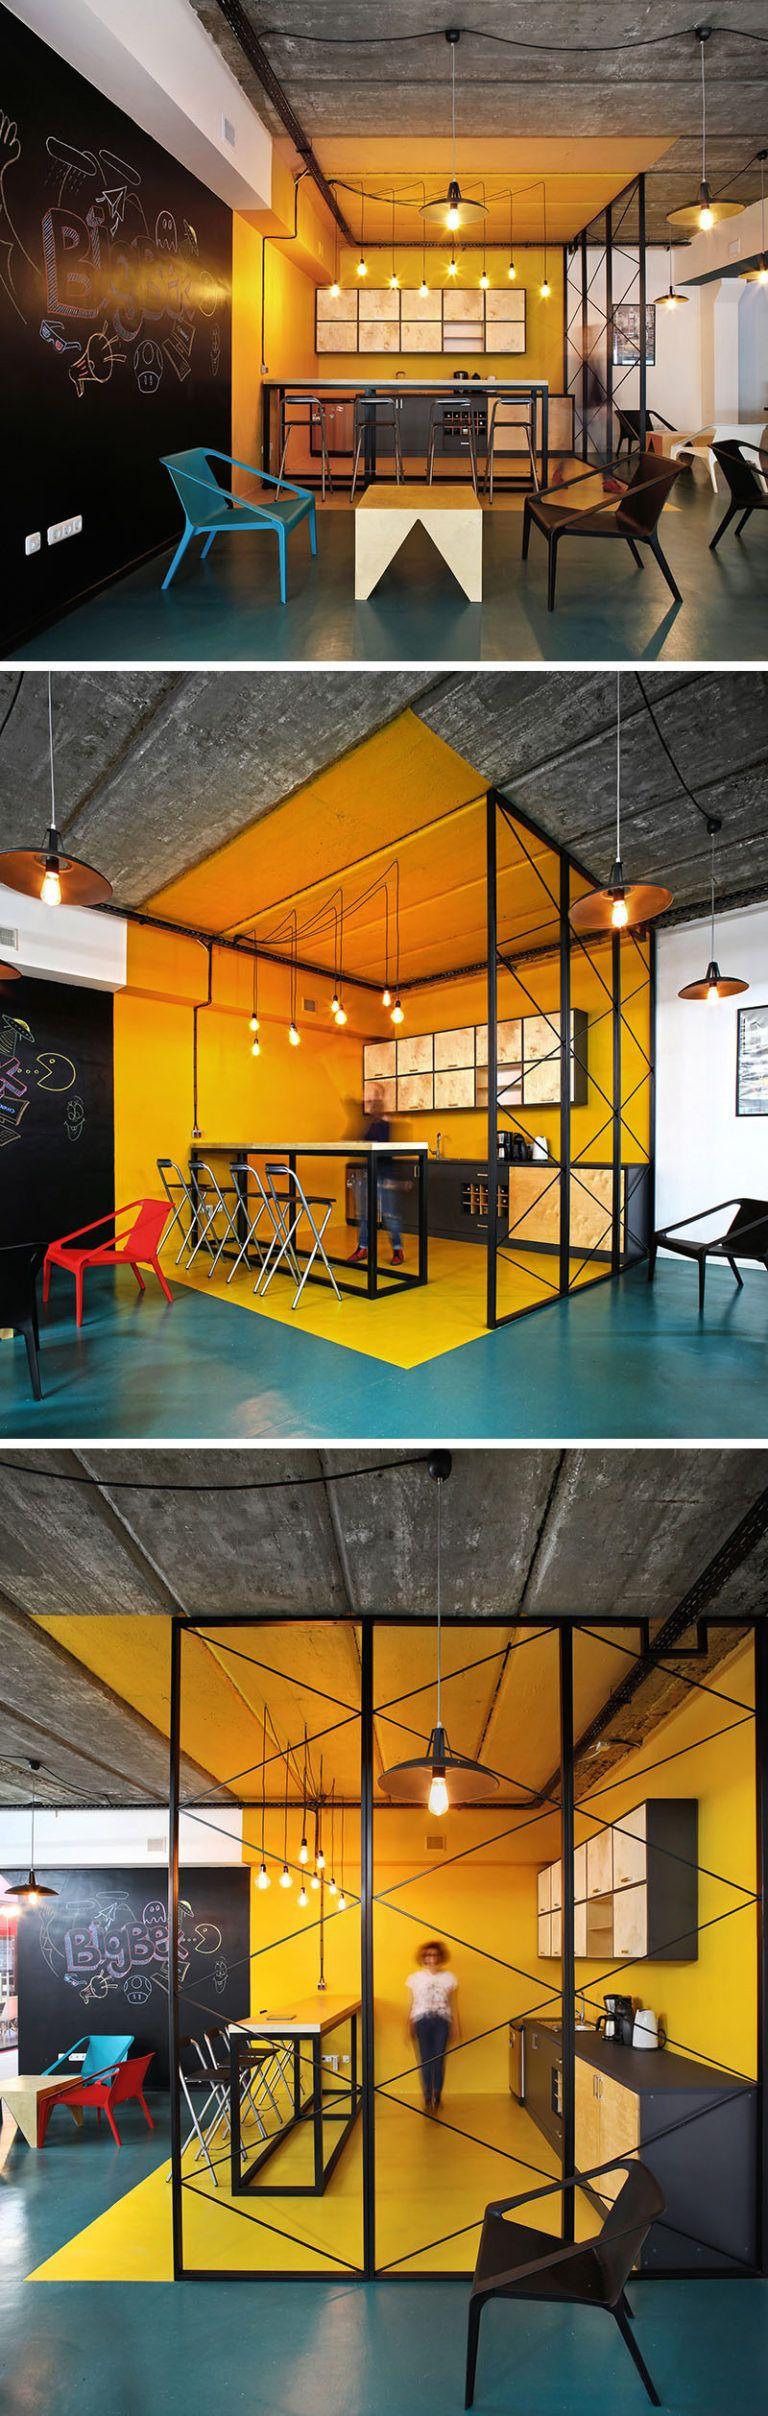 Interior Design Idea - Use Color To Define An Area   Büros, Ladenbau ...